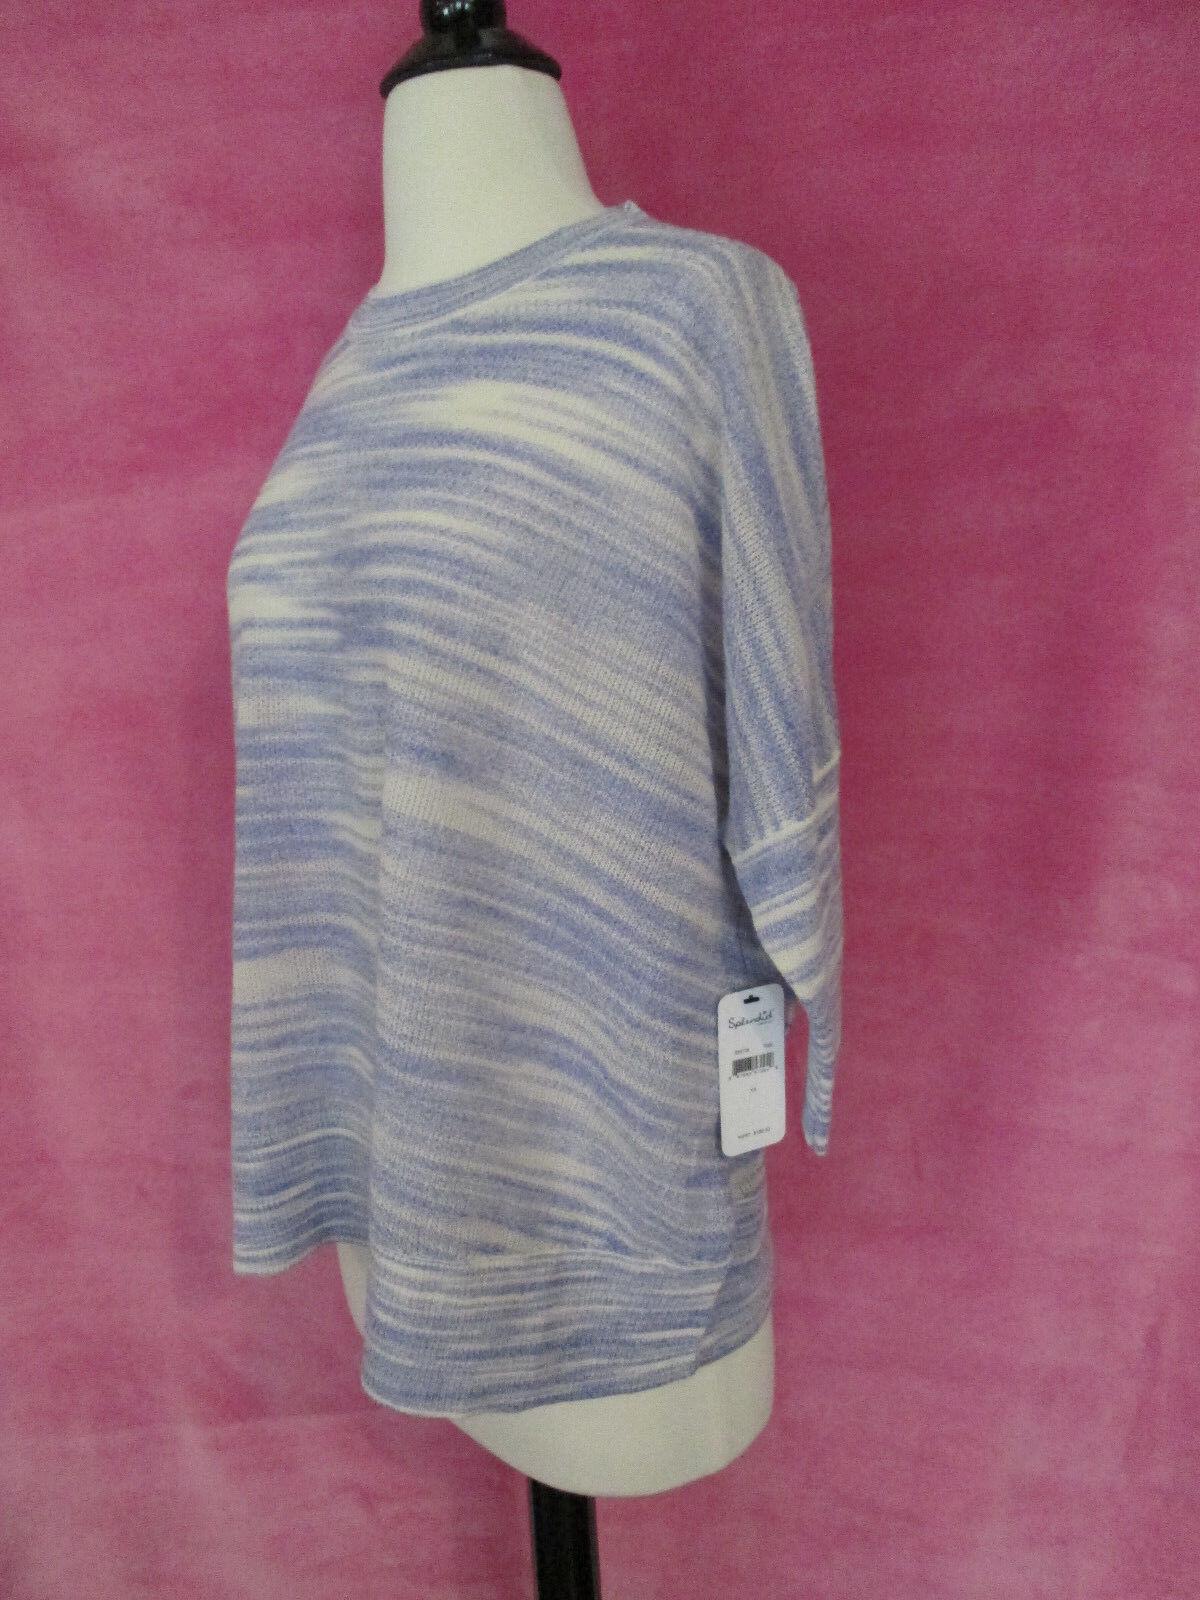 New SPLENDID Space Dye Sweater XS